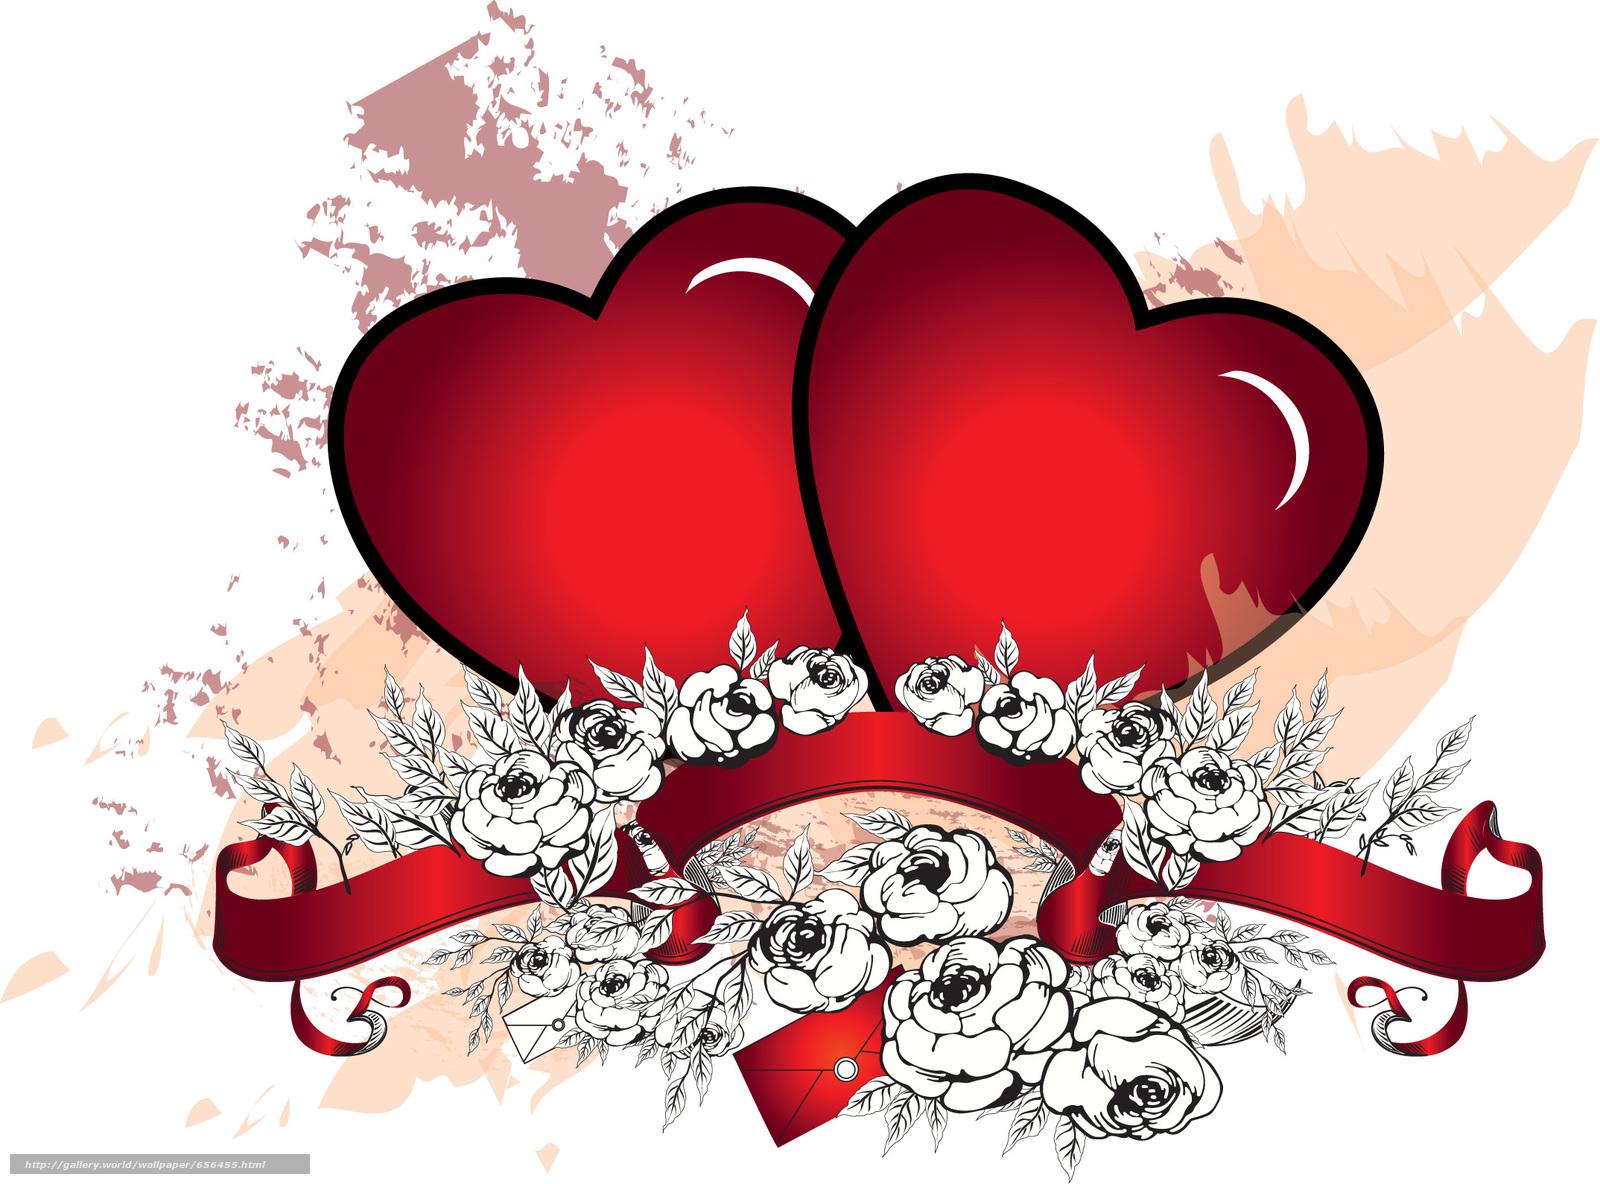 Скачать обои день святого валентина,  день всех влюбленных,  праздник,  сердце бесплатно для рабочего стола в разрешении 2148x1590 — картинка №656455